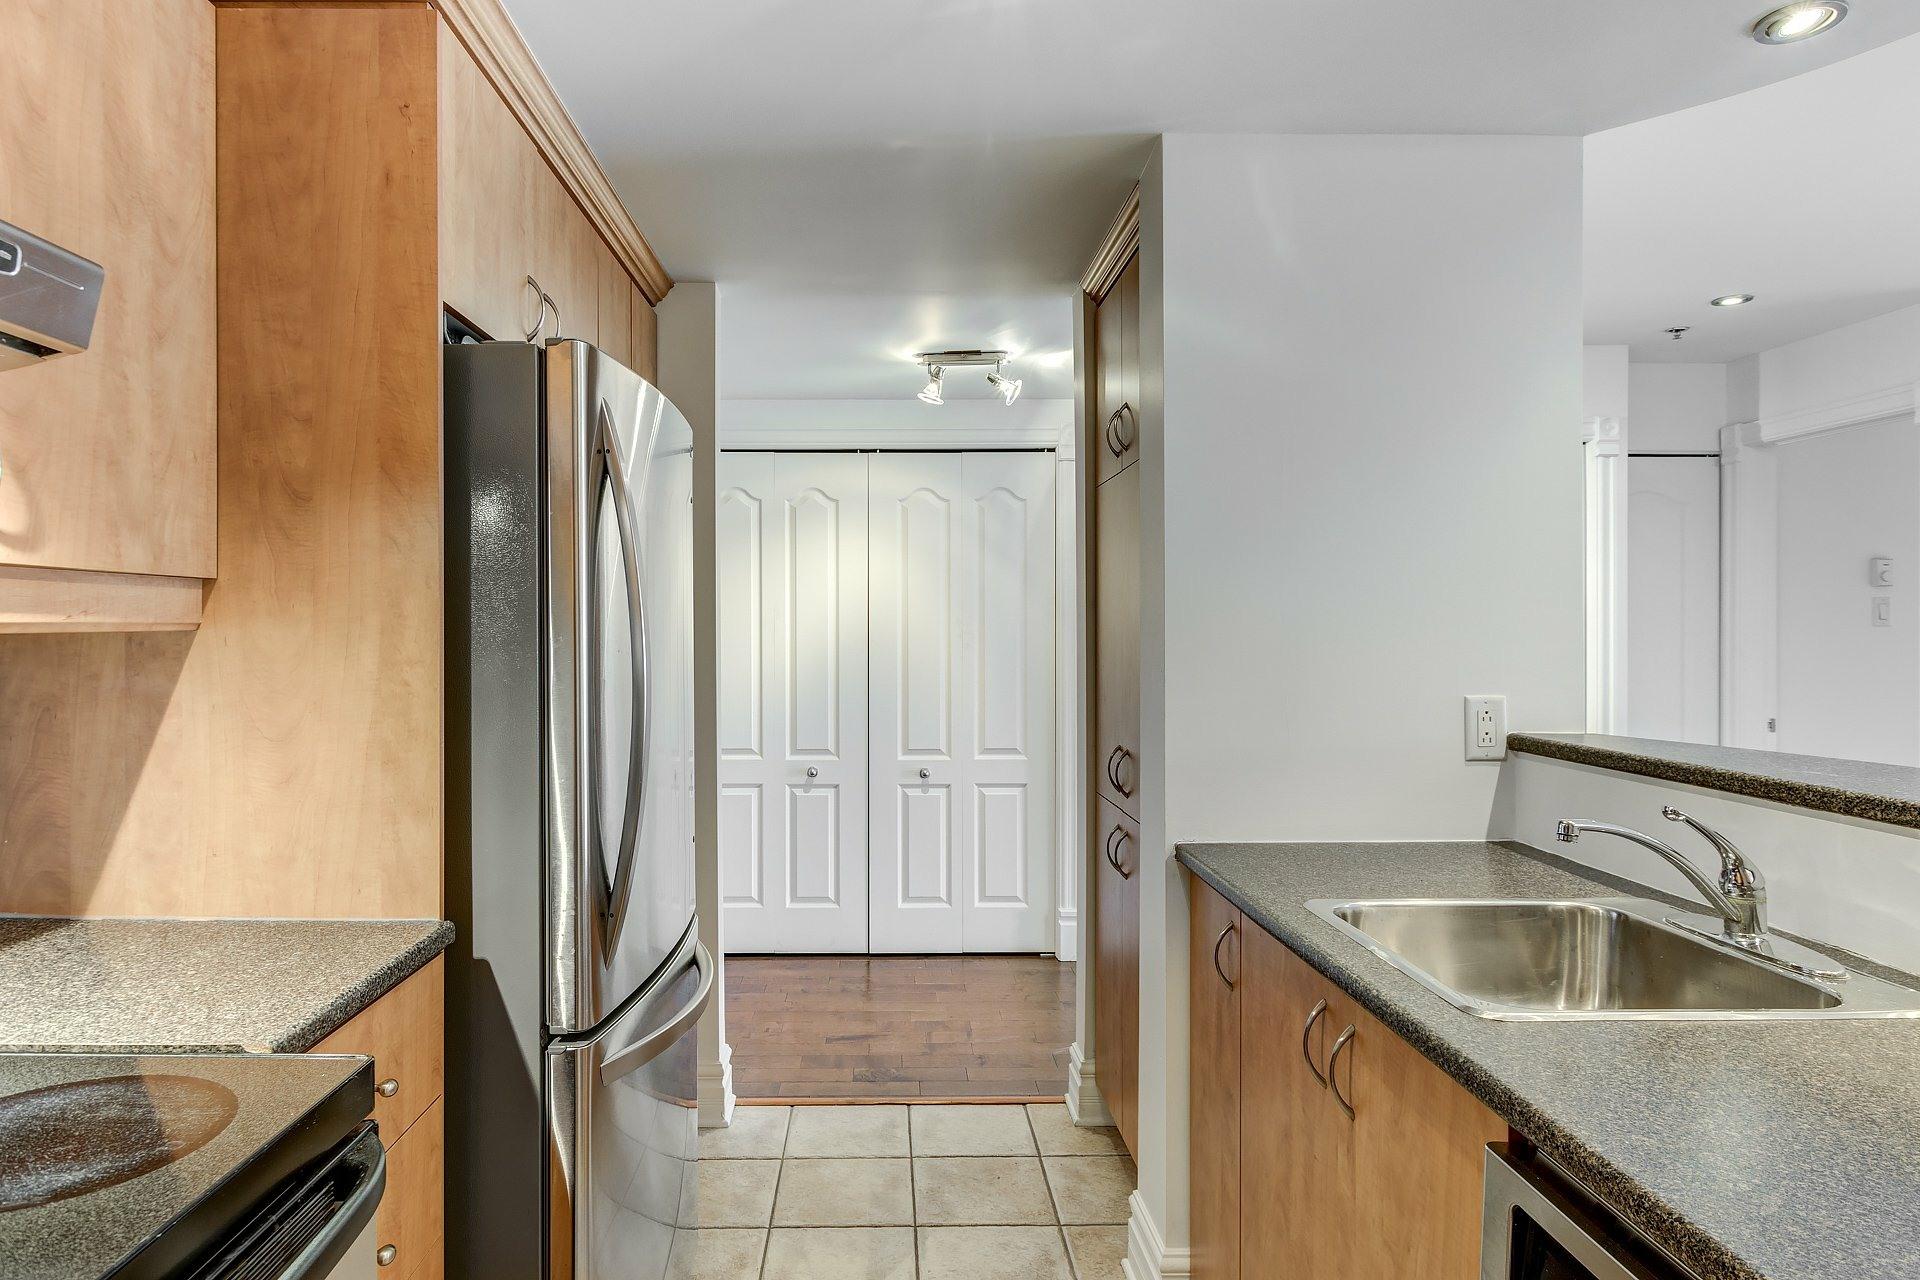 image 9 - Appartement À vendre Montréal Ville-Marie  - 4 pièces